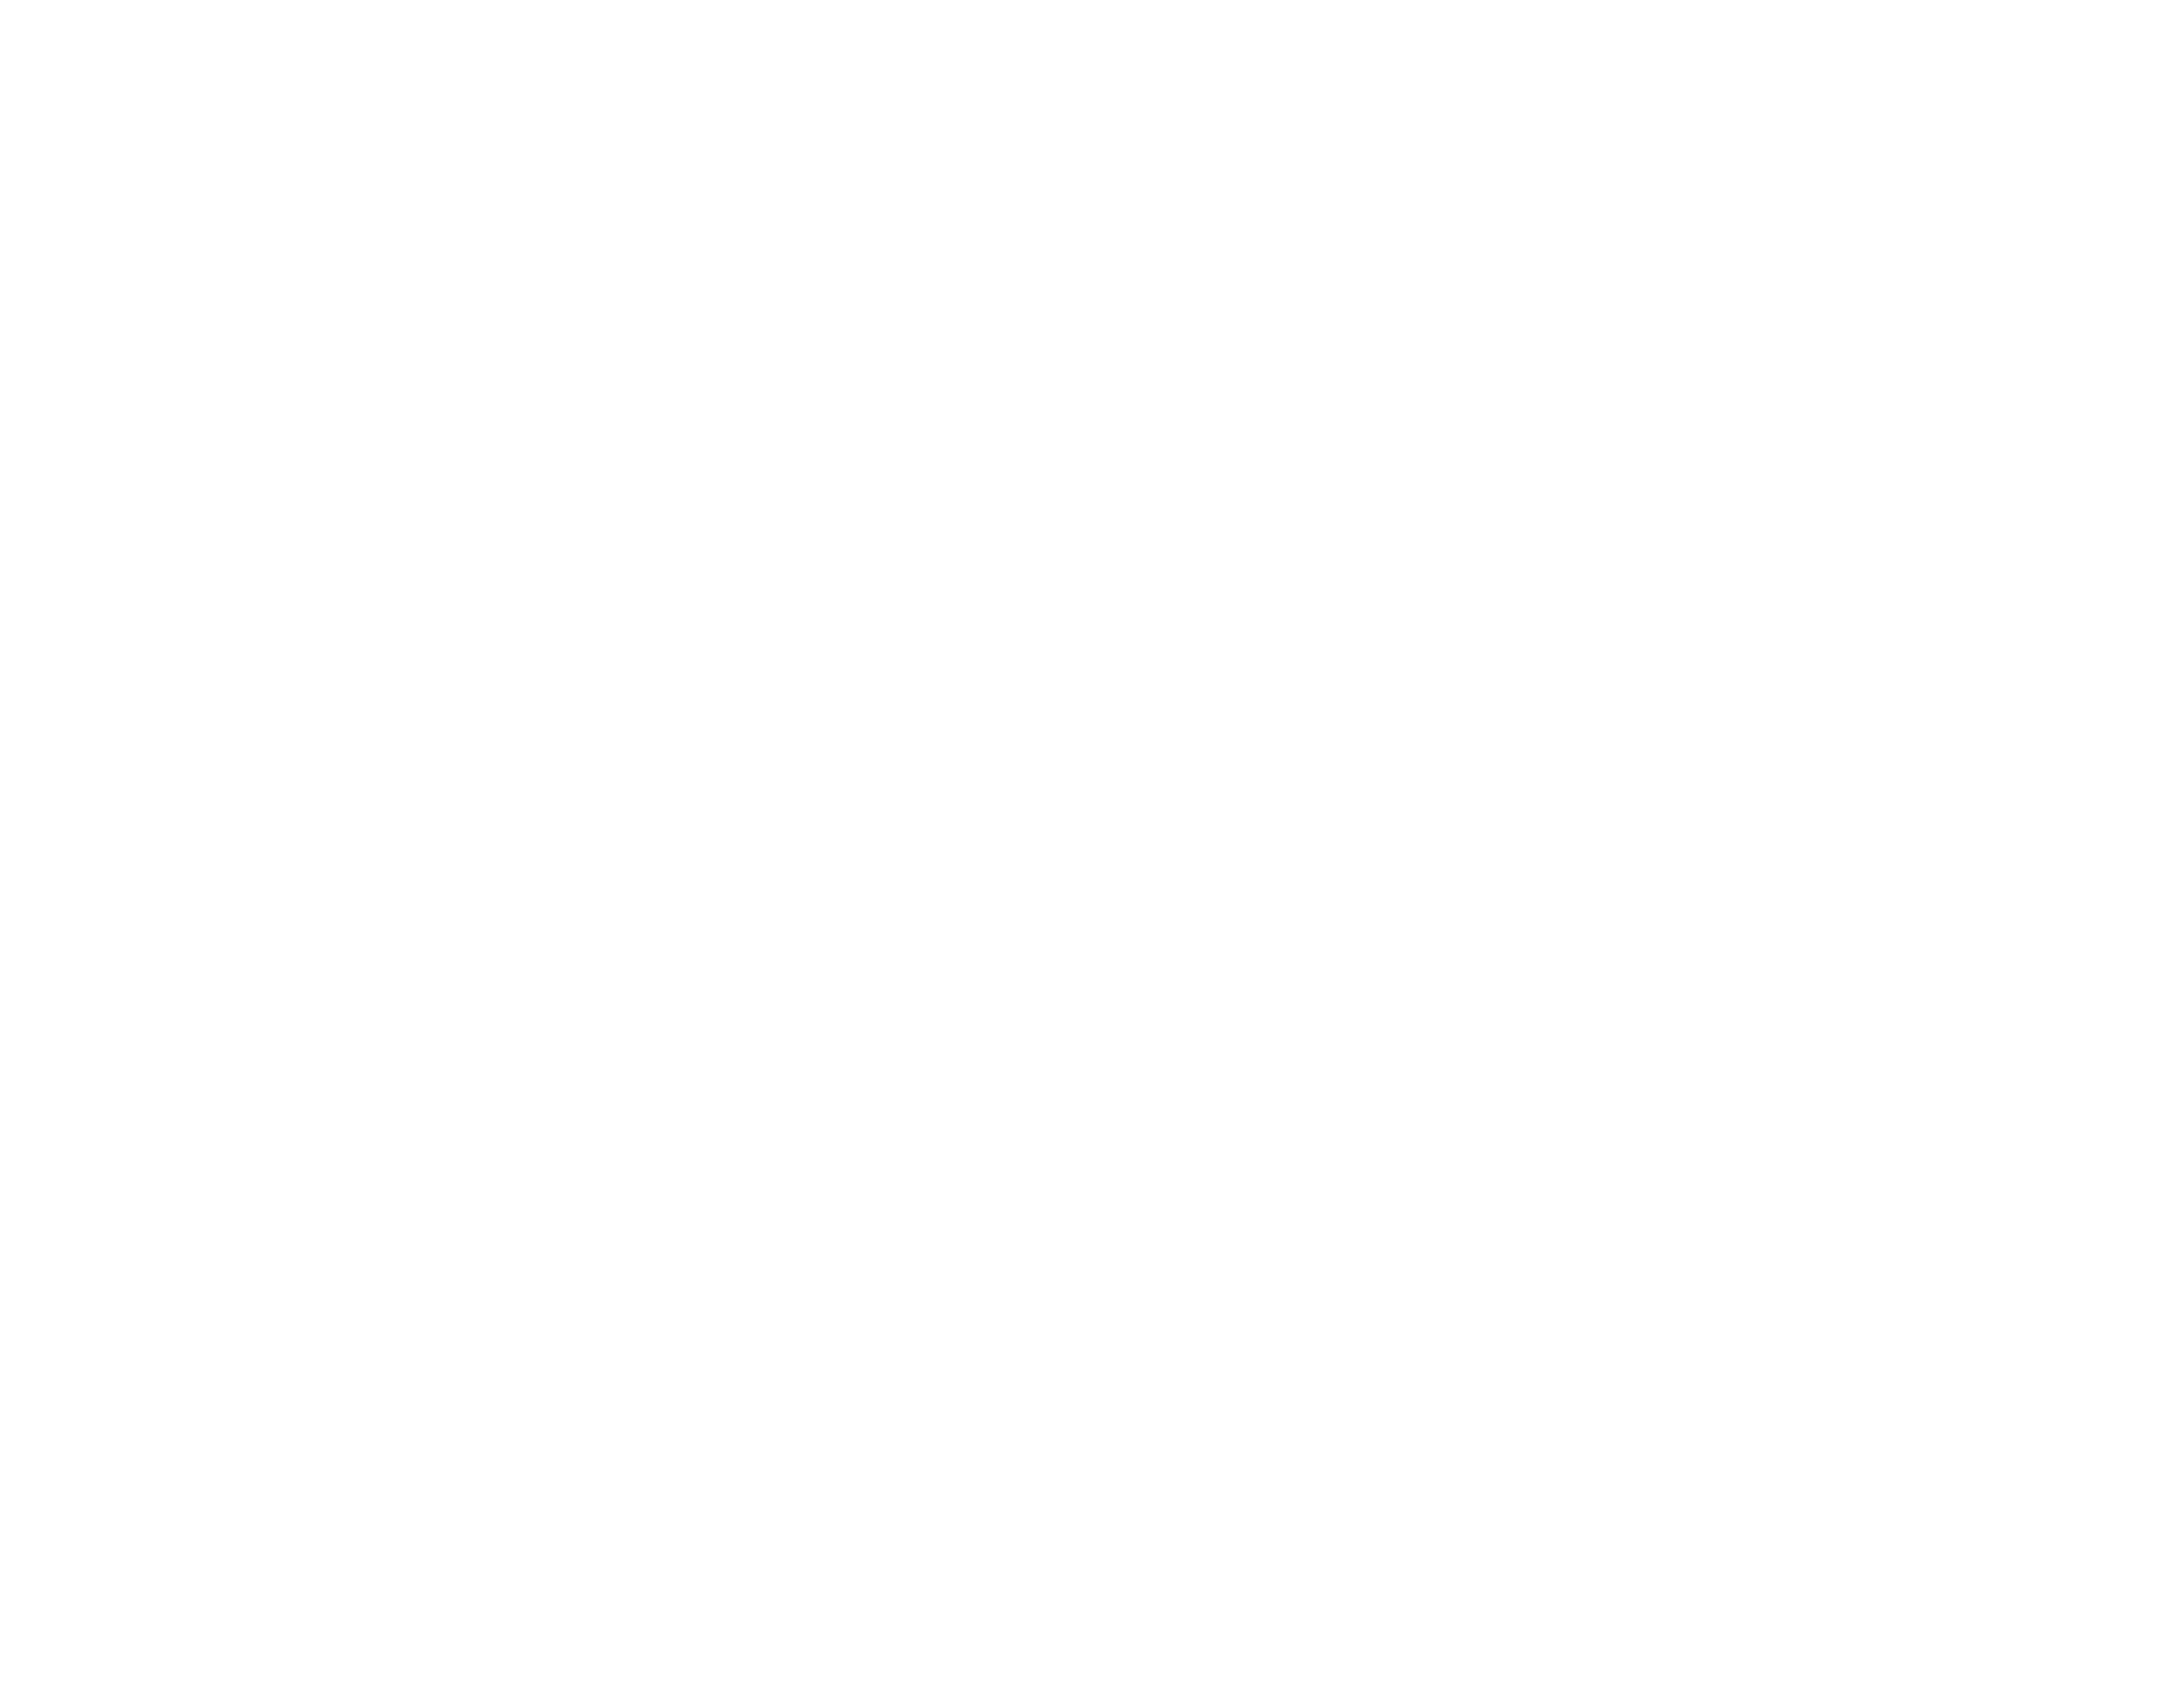 WRS loves best logo